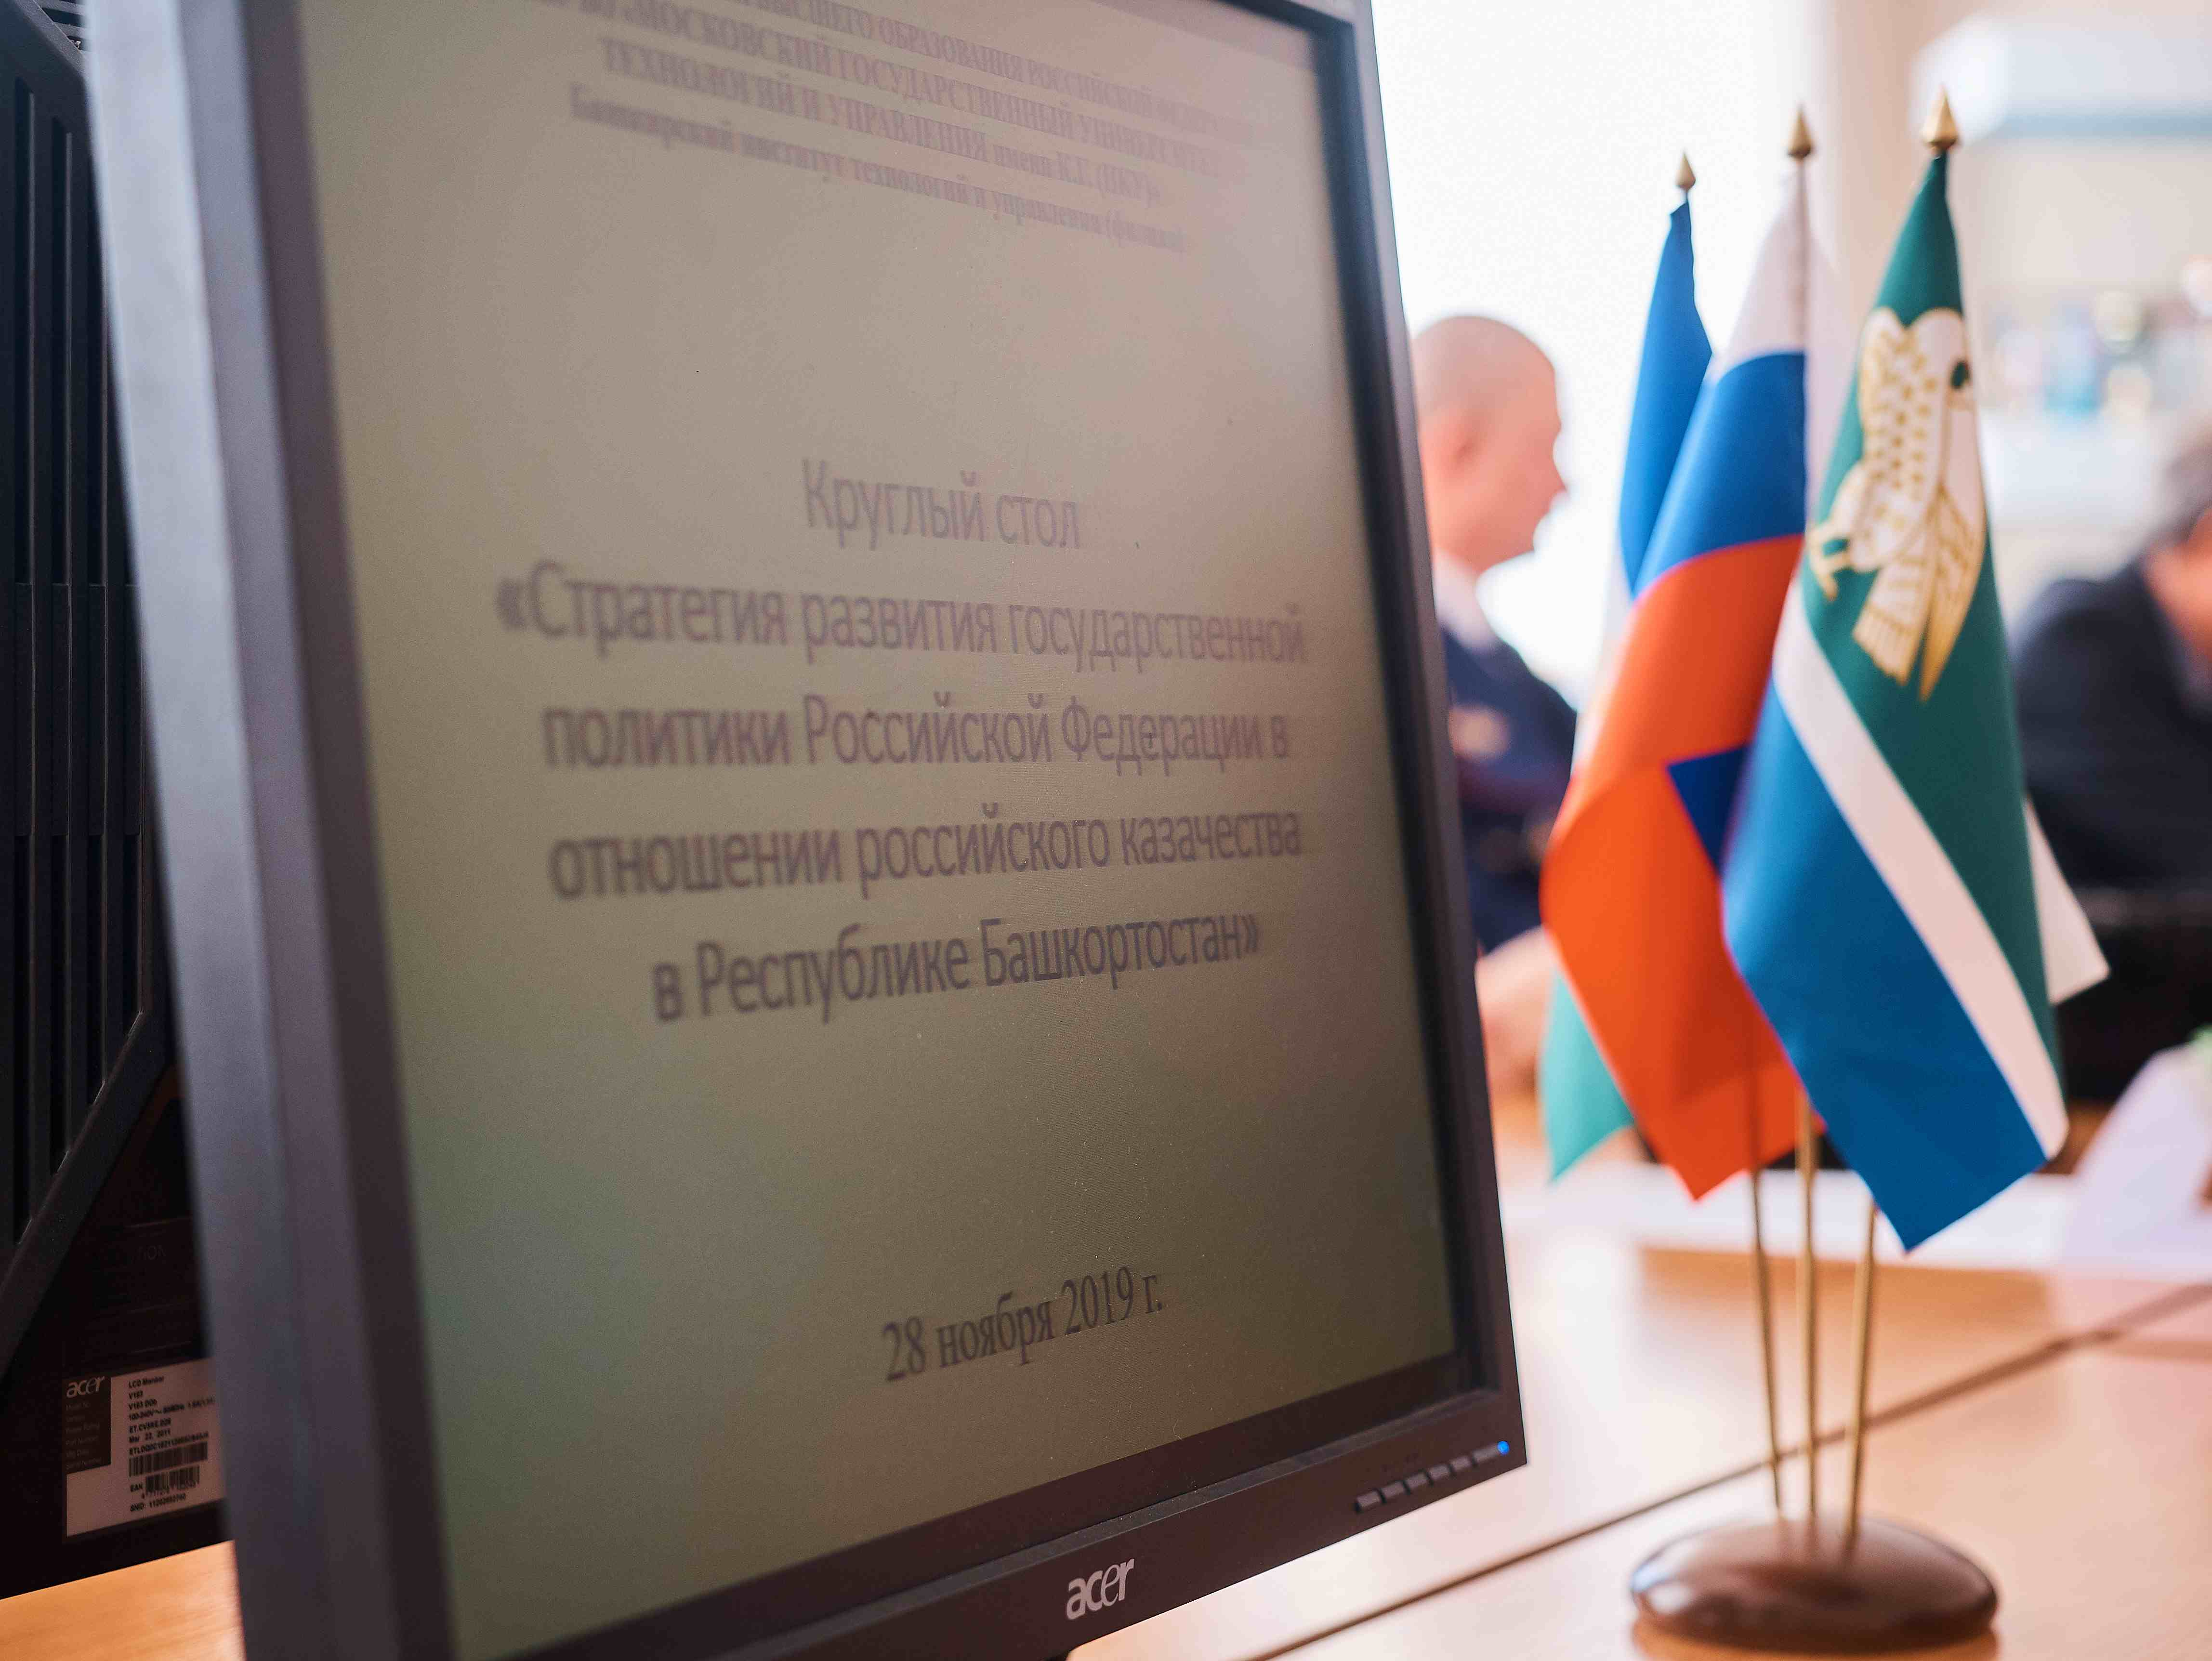 http://www.eparhia-salavat.ru/sites/default/files/P1230105.jpg